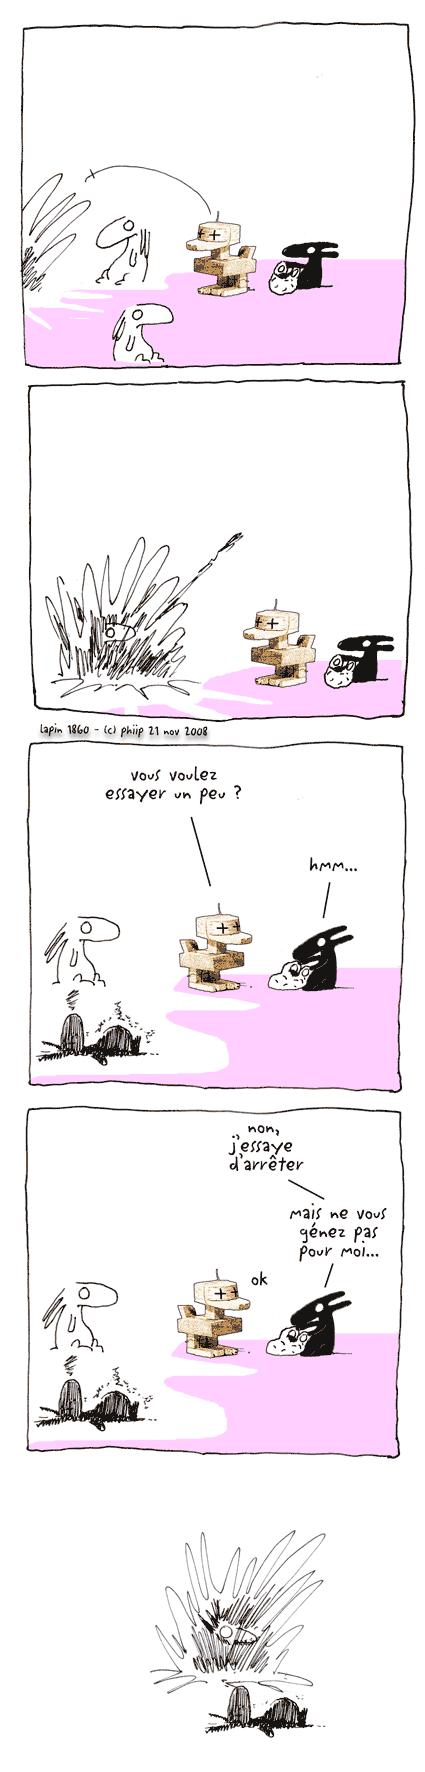 Conjugate essayer